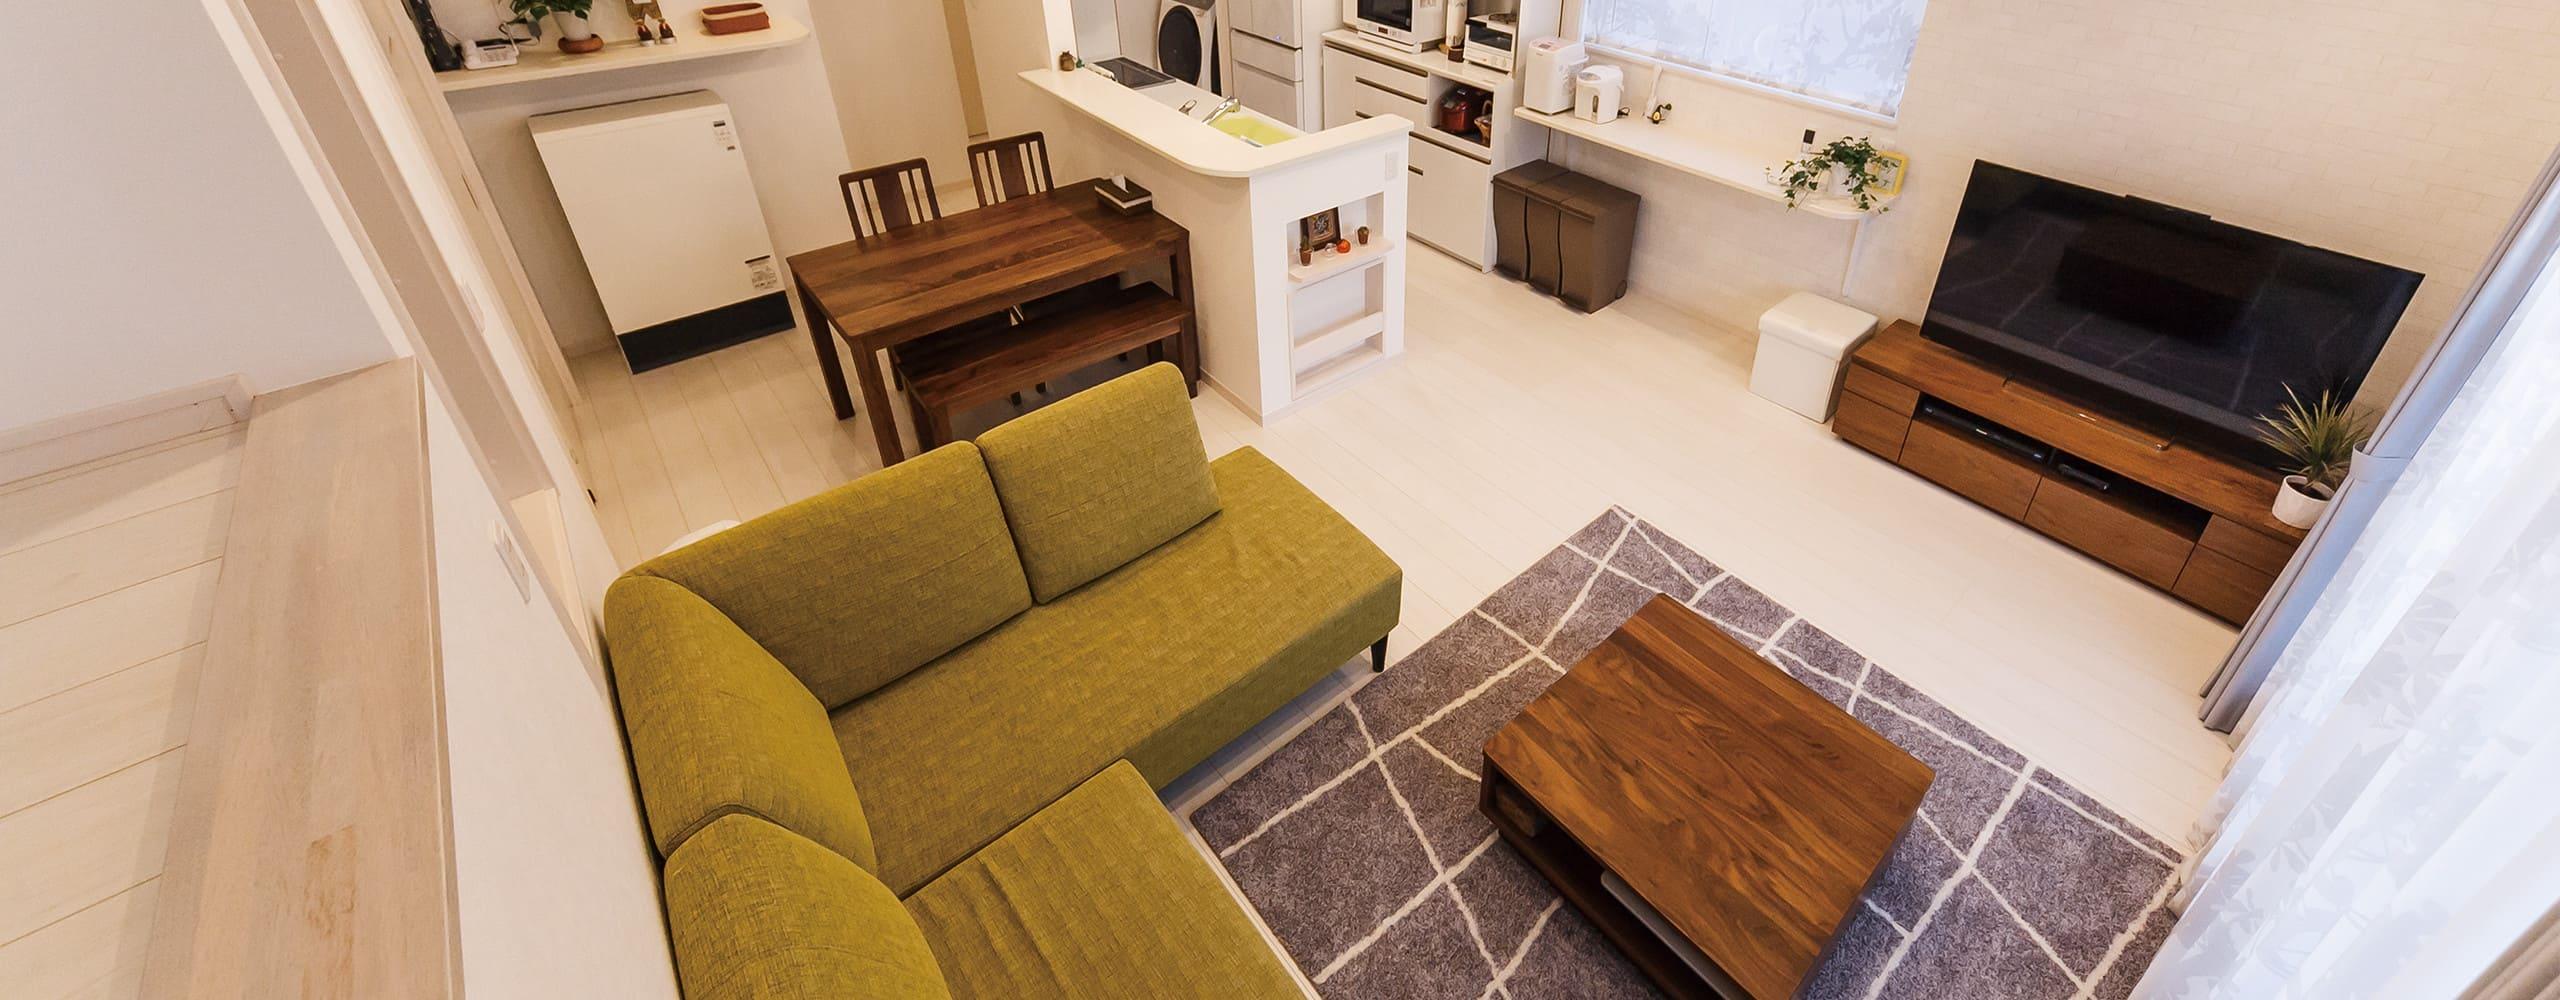 デザインされた新たな住空間のイメージ写真